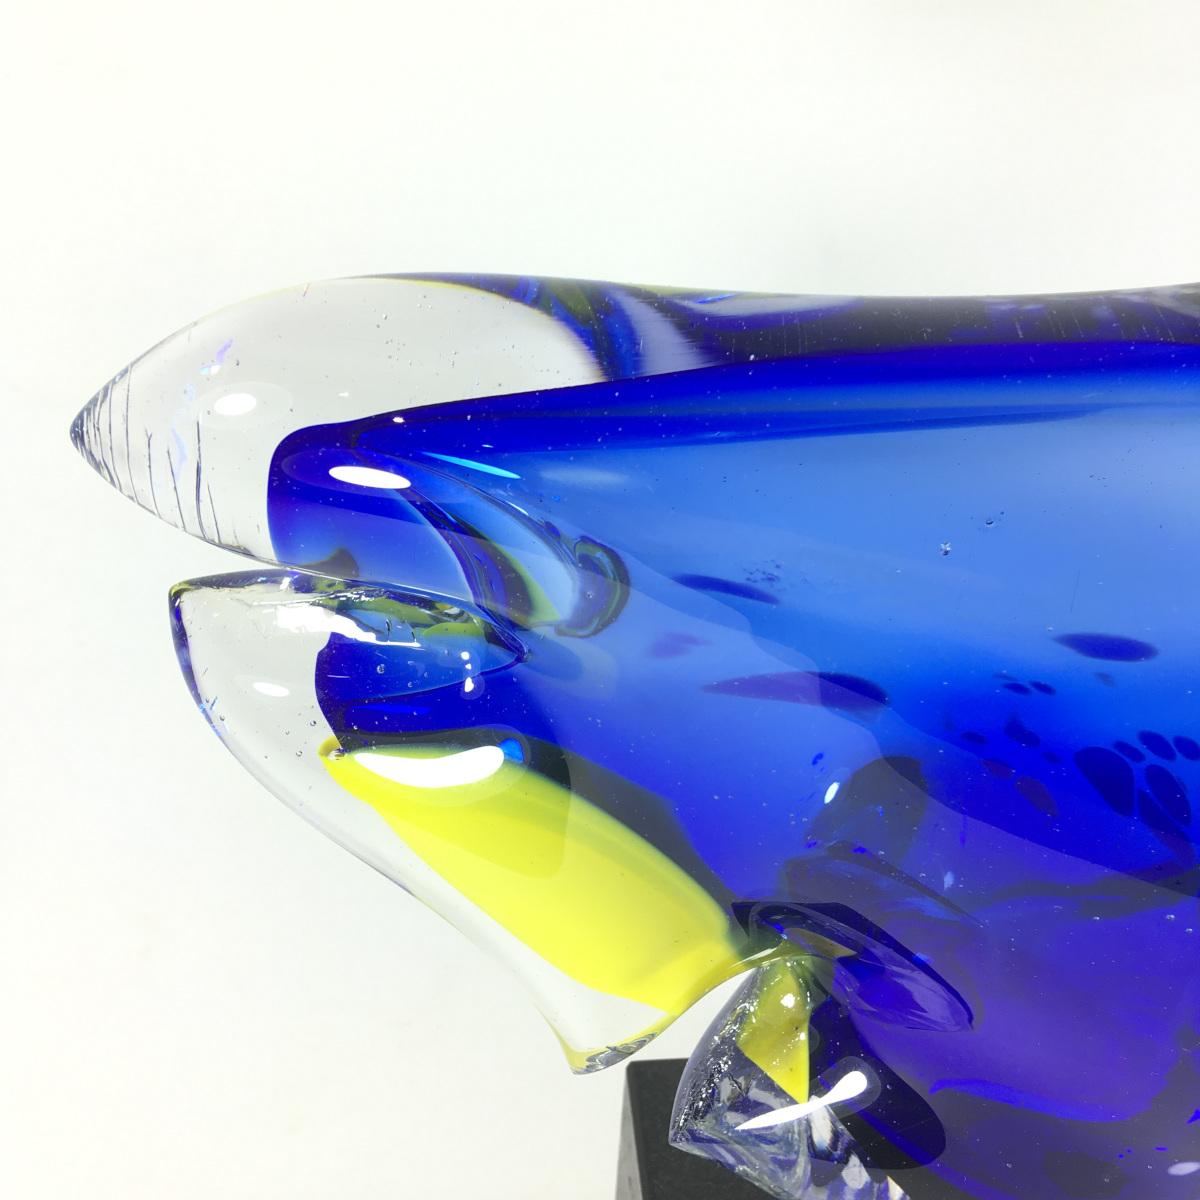 Innenfisch (blau/weiß) Bild 2